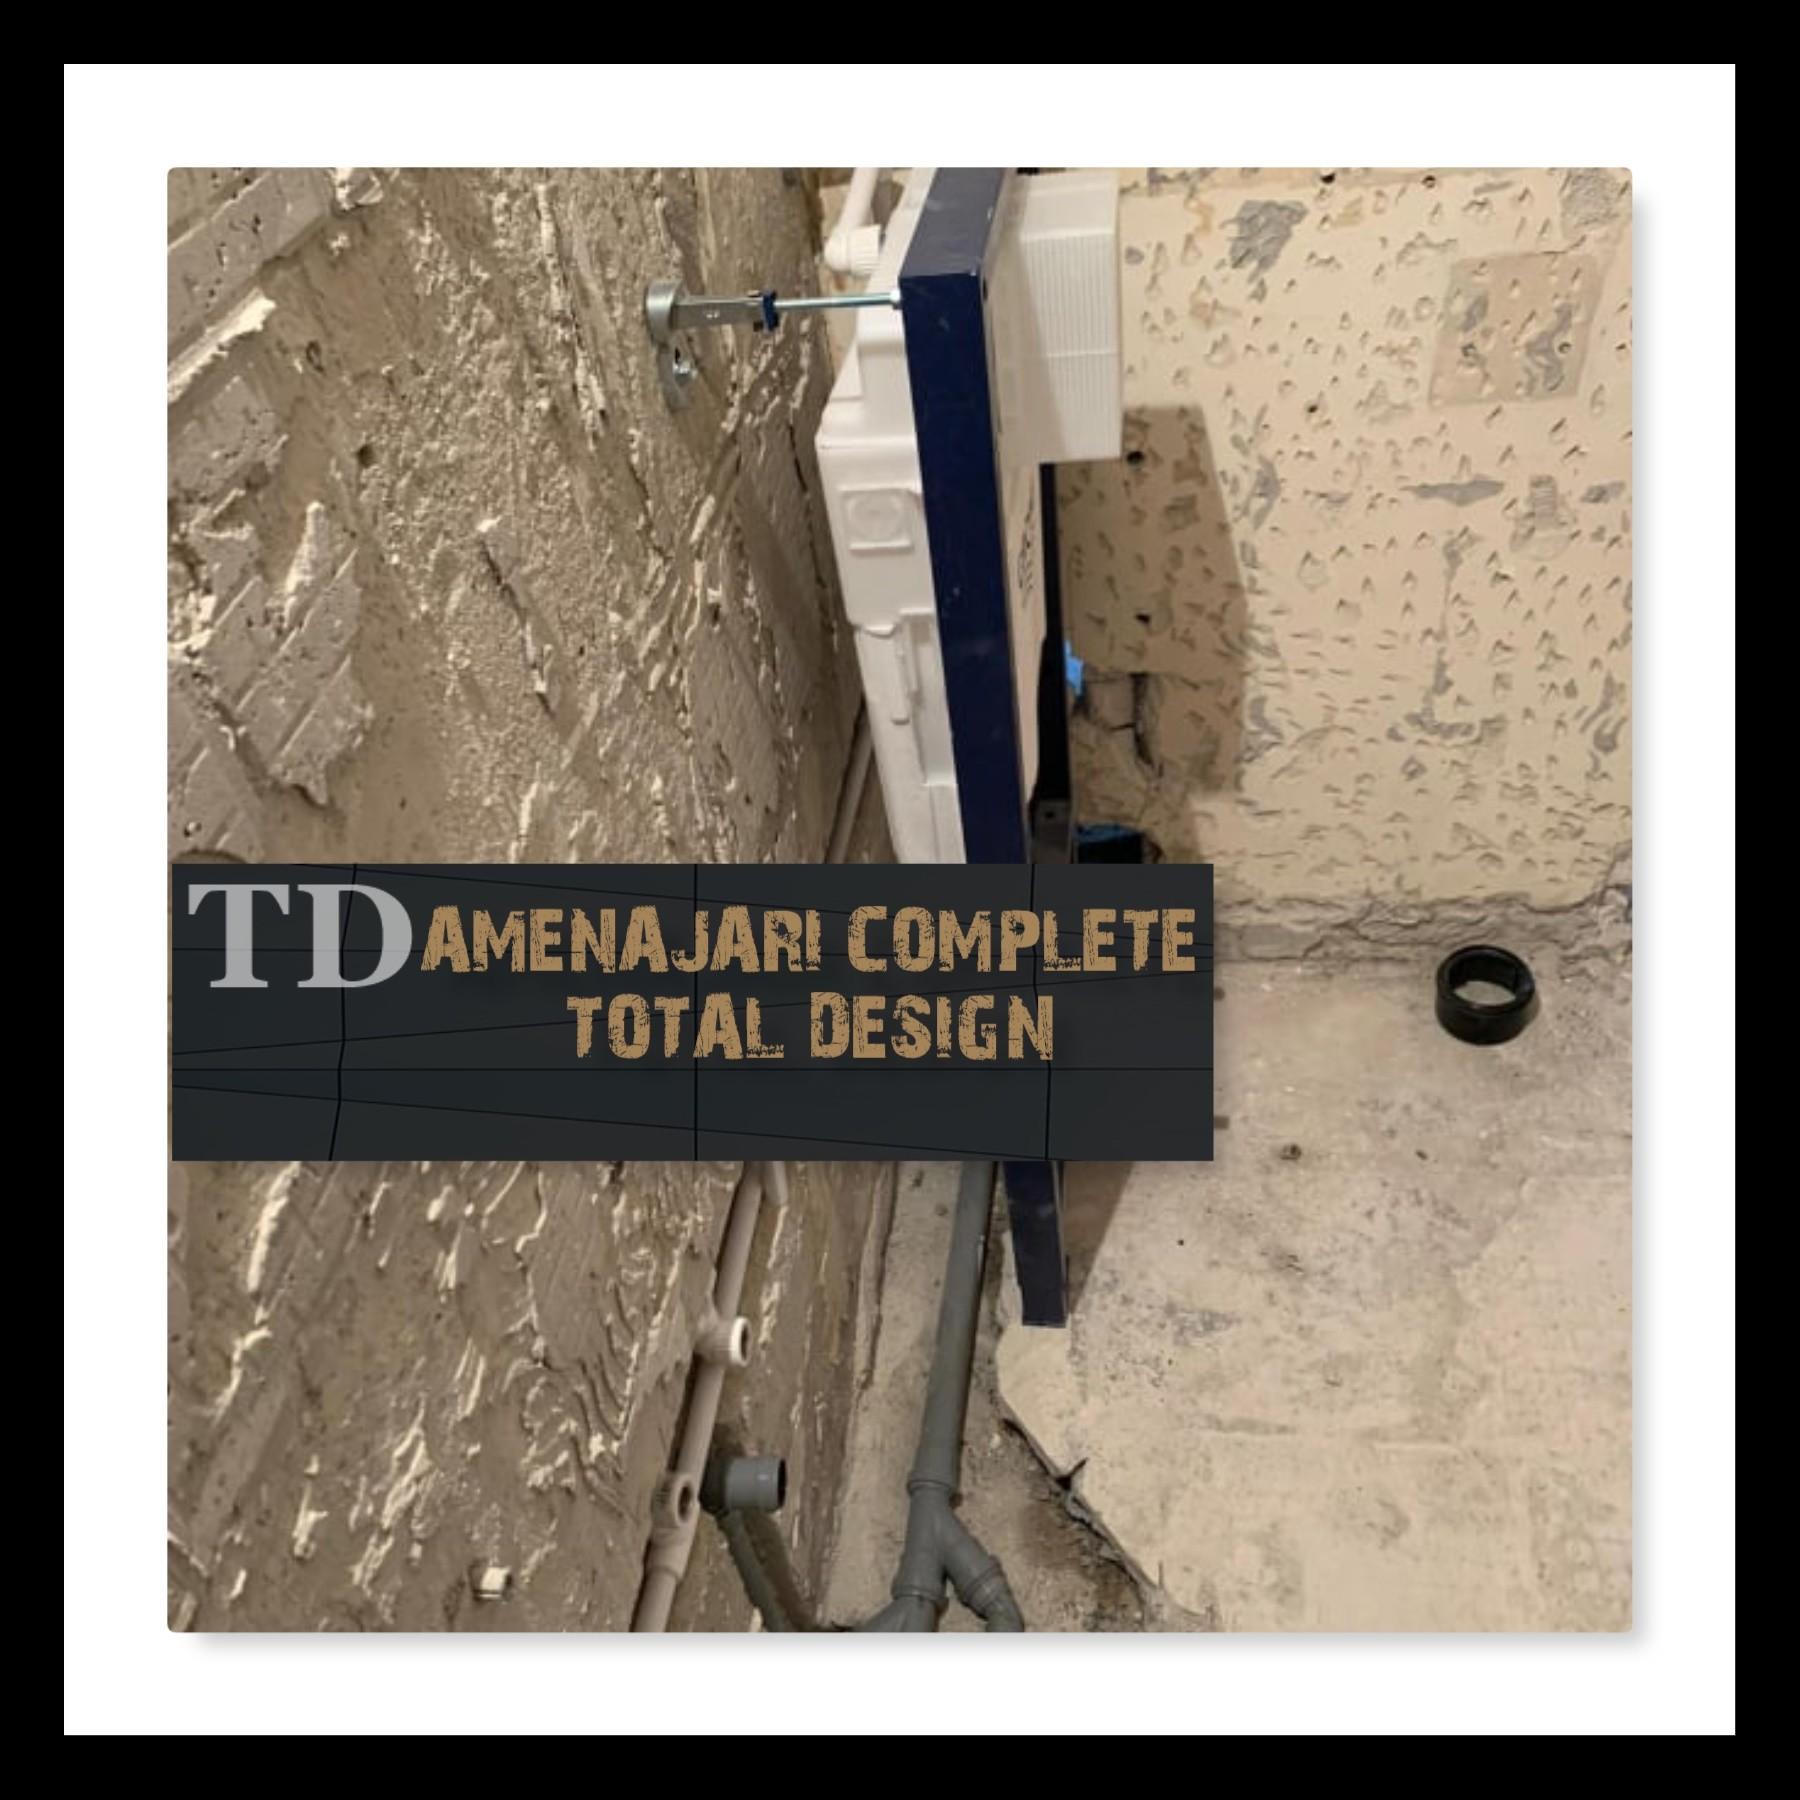 Amenajari complete pentru apartamente Bucuresti 2020